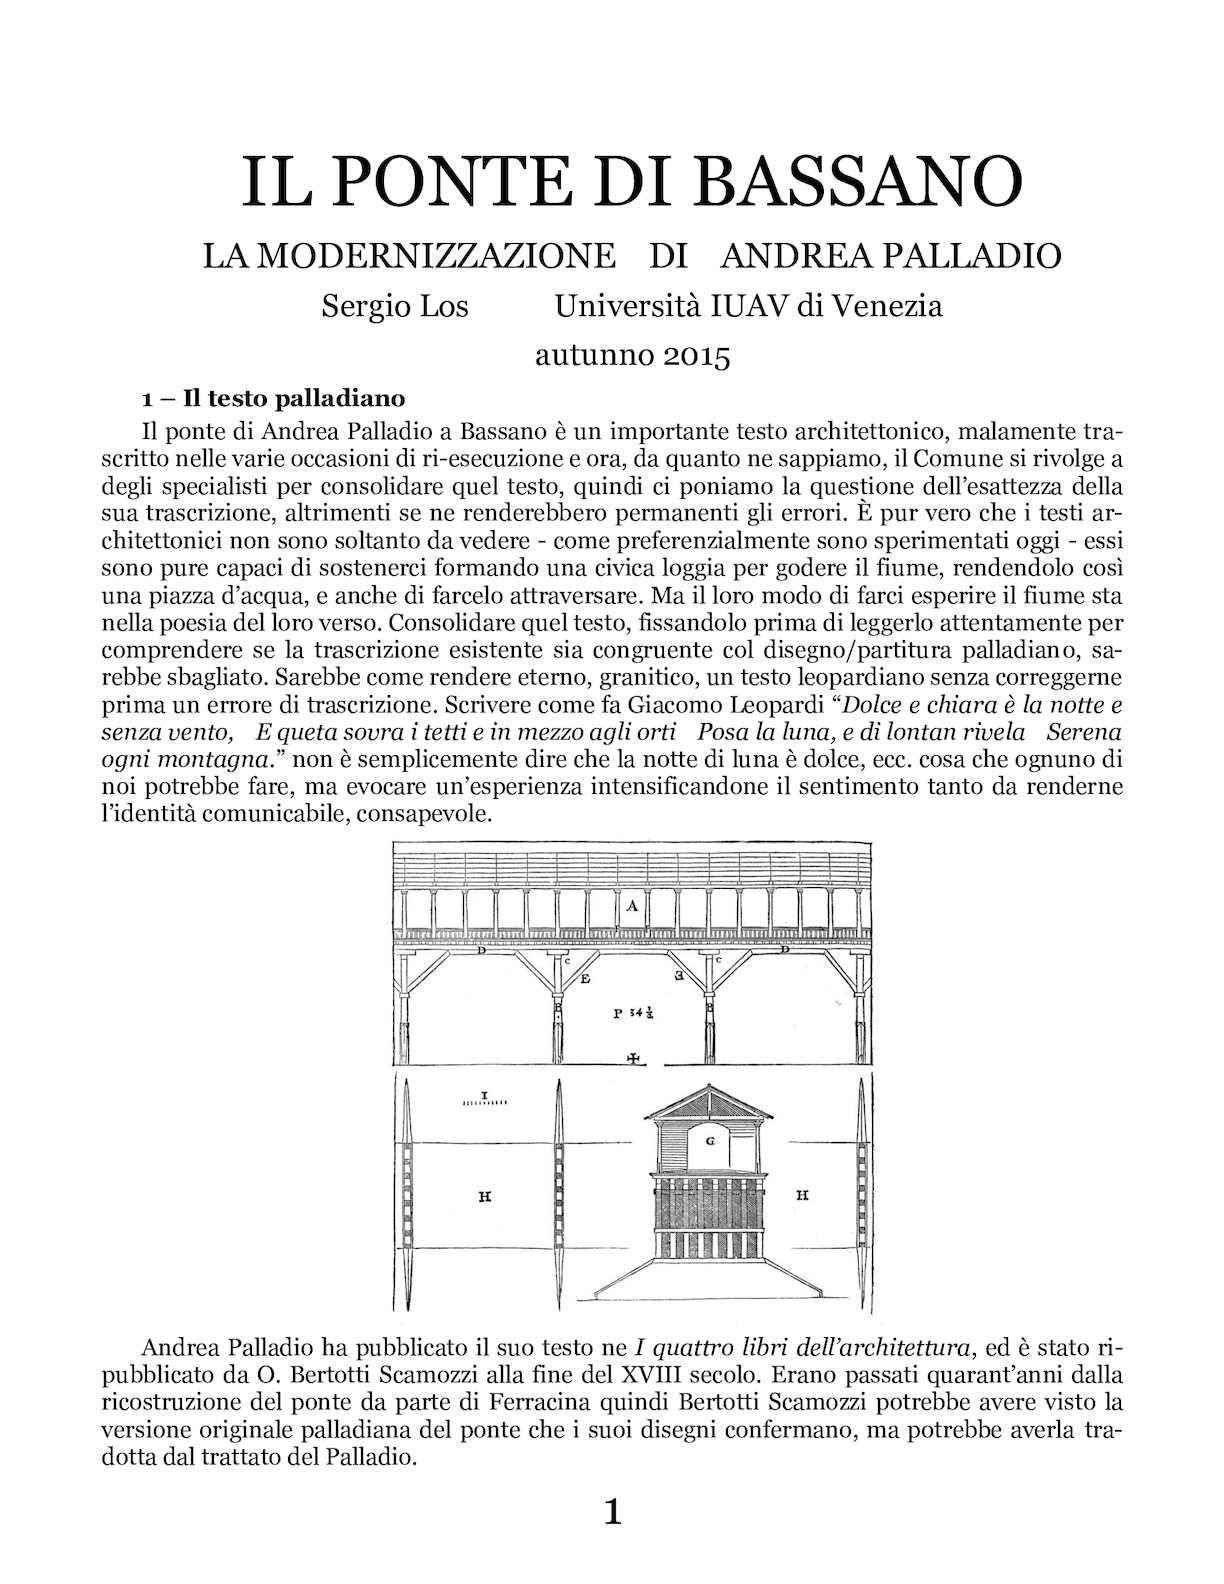 Il Ponte Di Bassano - La Modernizzazione Di Andrea Palladio